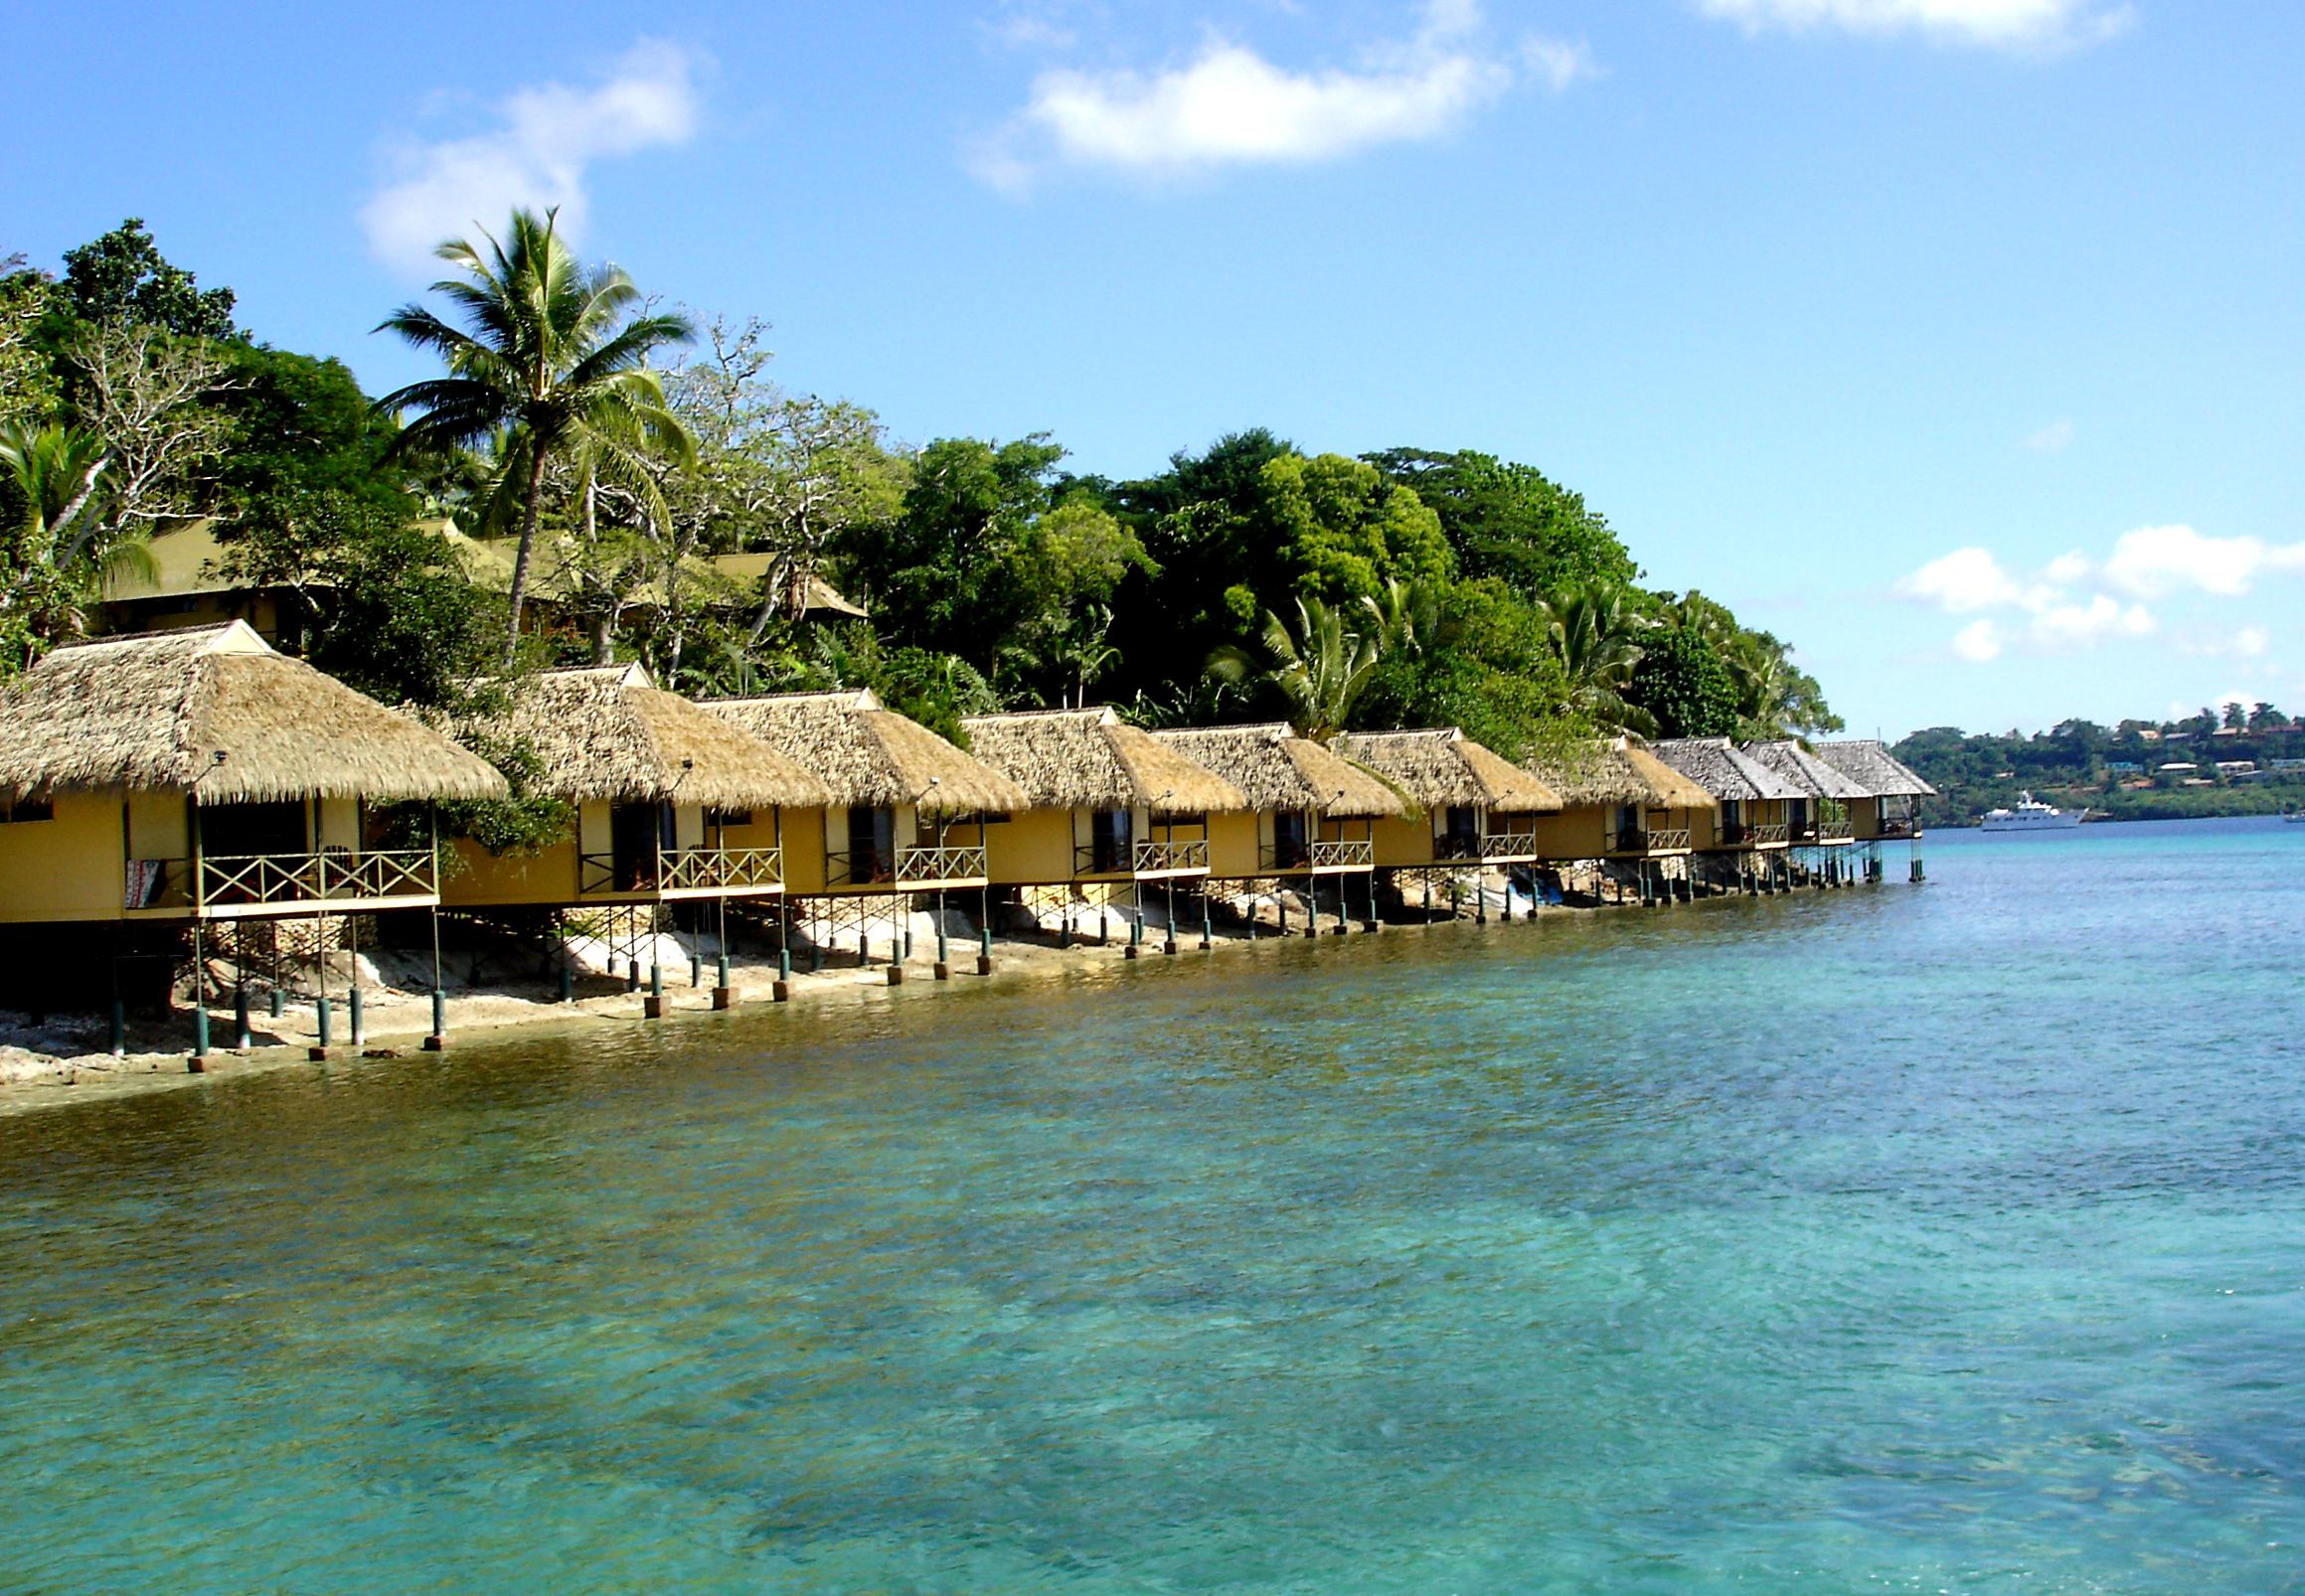 http://upload.wikimedia.org/wikipedia/commons/3/30/Iririki%2C_Vanuatu.jpg